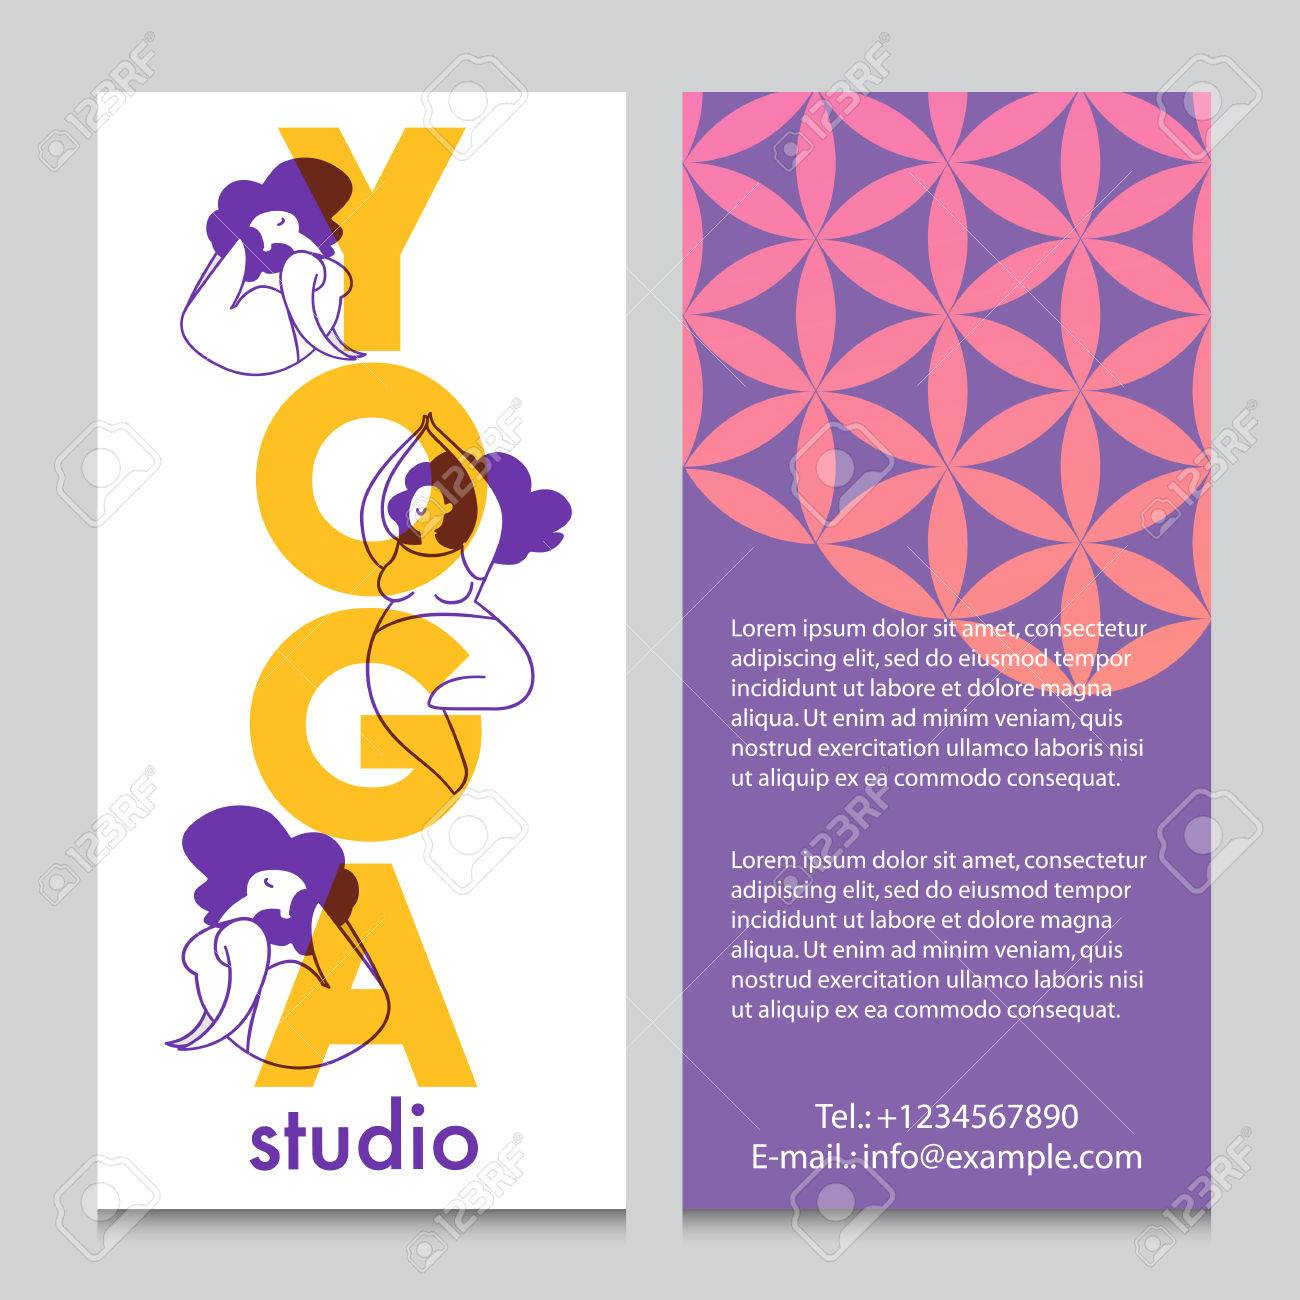 Banner Oder Flyer Vorlage Für Yoga Retreat Oder Yoga Studio, Blume ...